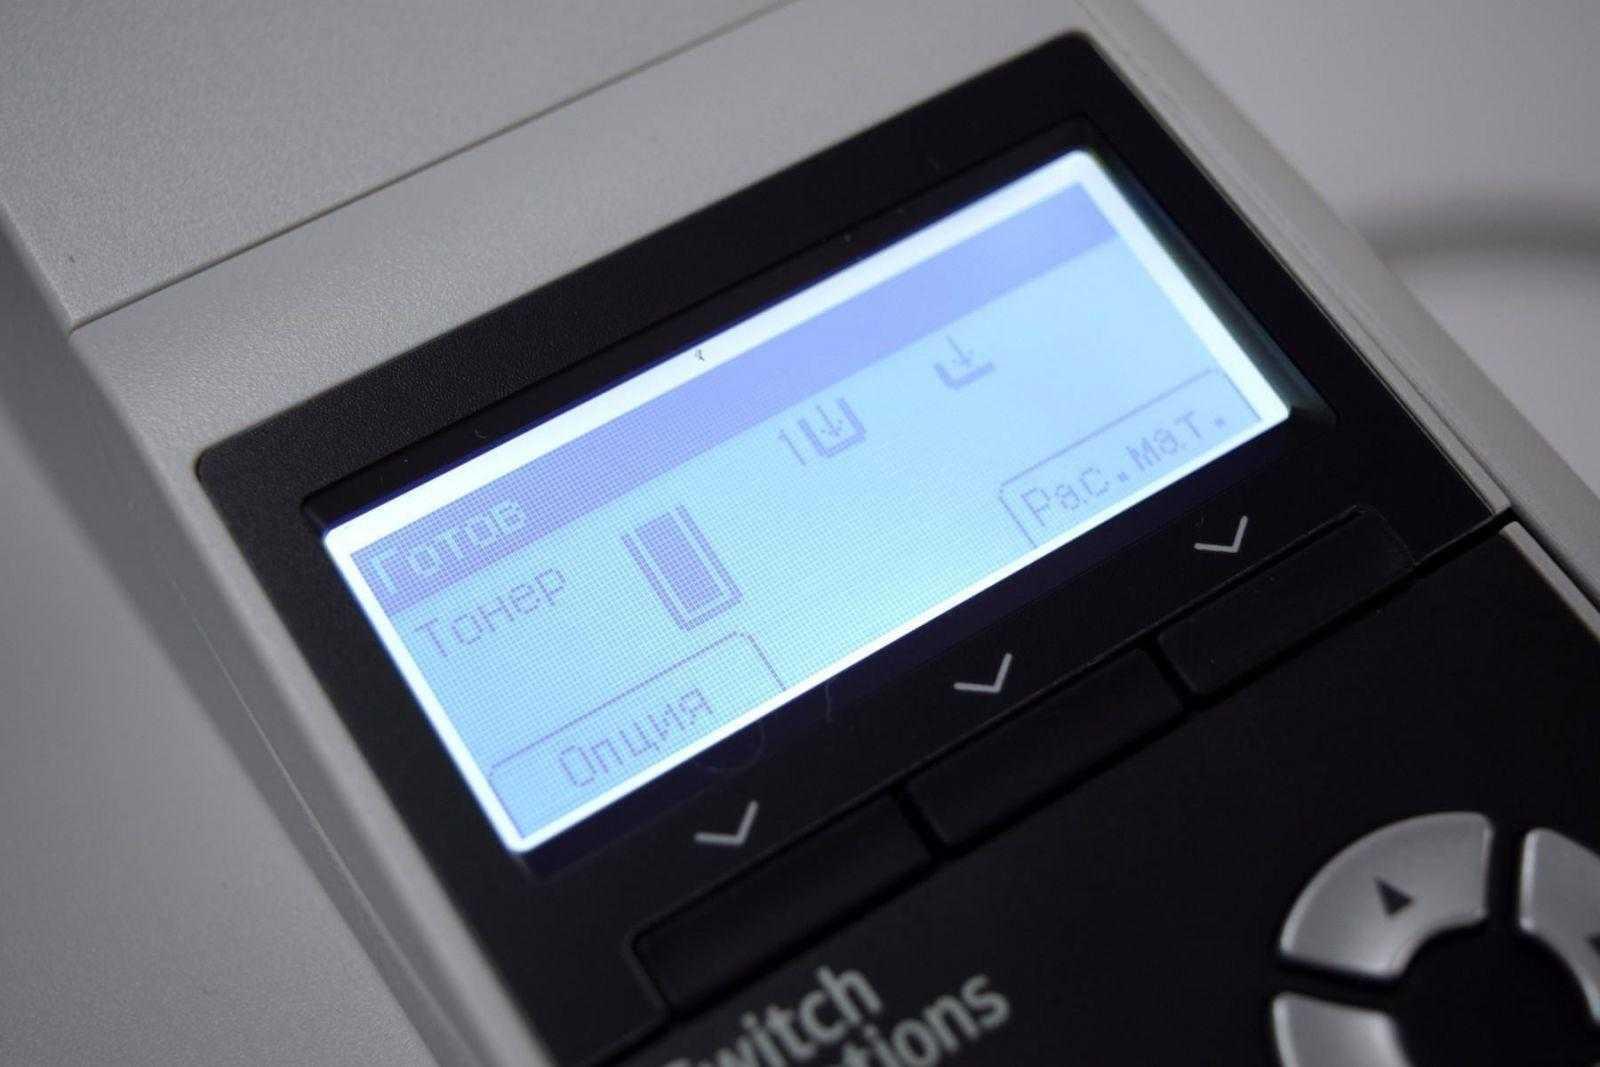 DSC 0771 - Обзор принтера Ricoh SP 450DN. Быстрая печать для офиса